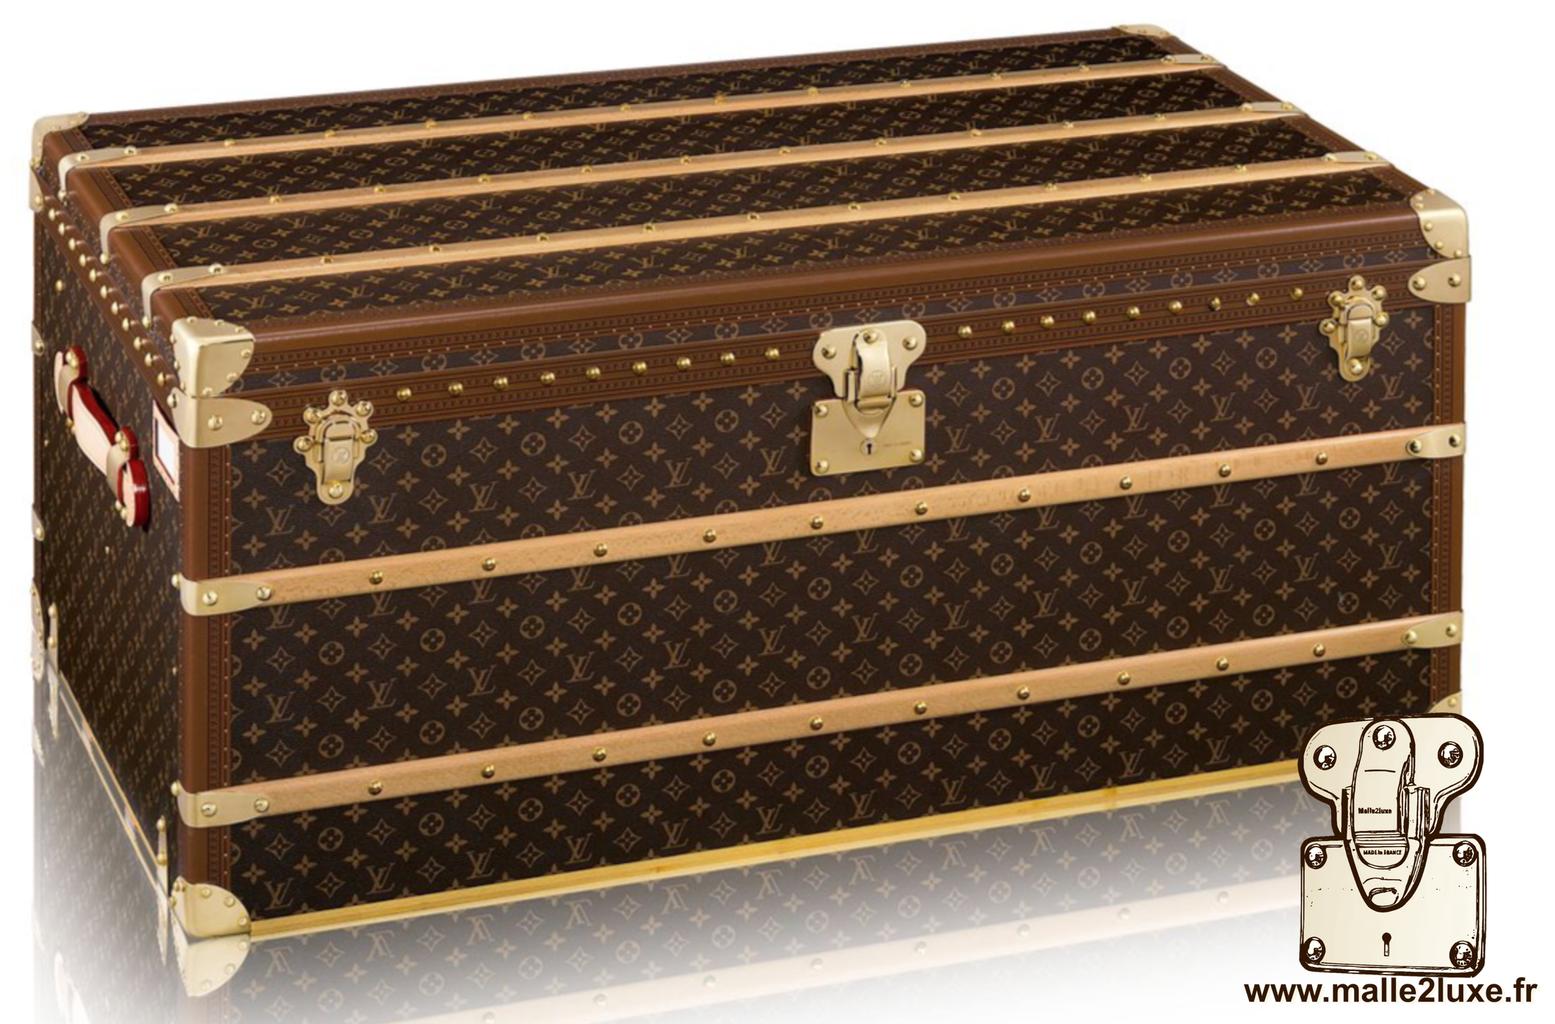 lexique et d finition d 39 une malle ancienne luxe malle louis vuitton. Black Bedroom Furniture Sets. Home Design Ideas